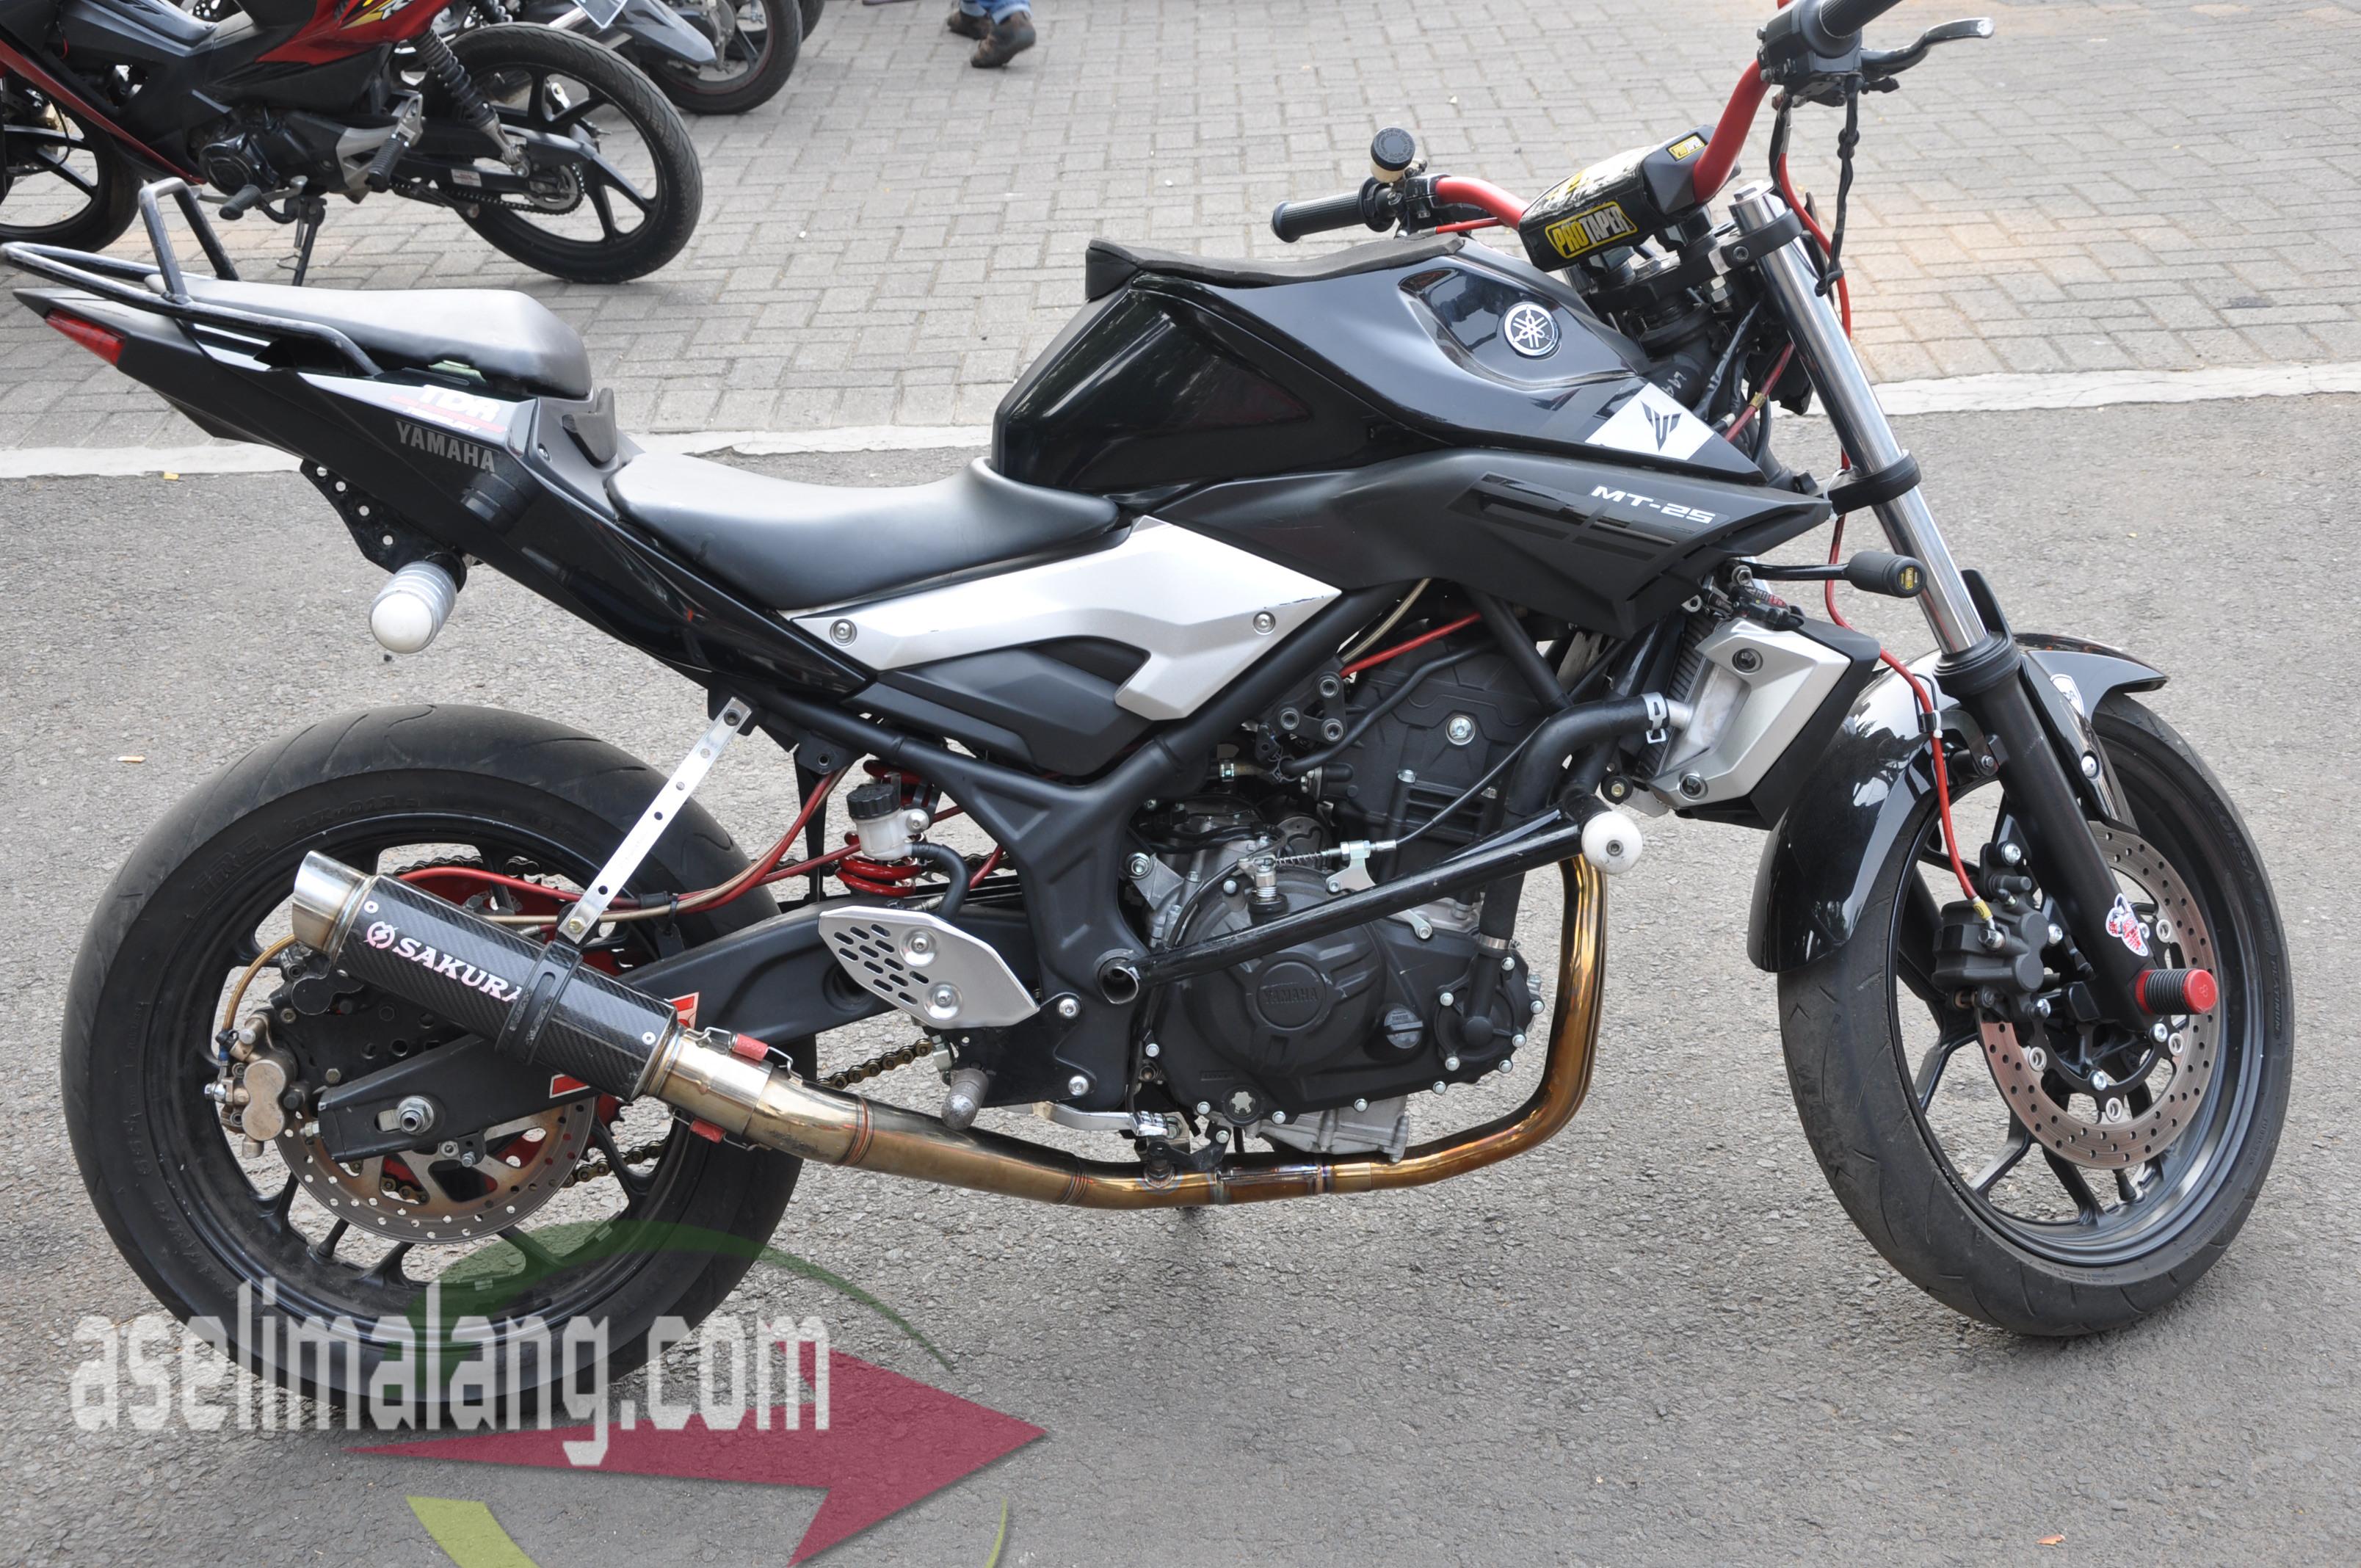 Modifikasi Yamaha Mt 25 Wawan Tembong Sekedar Coretan